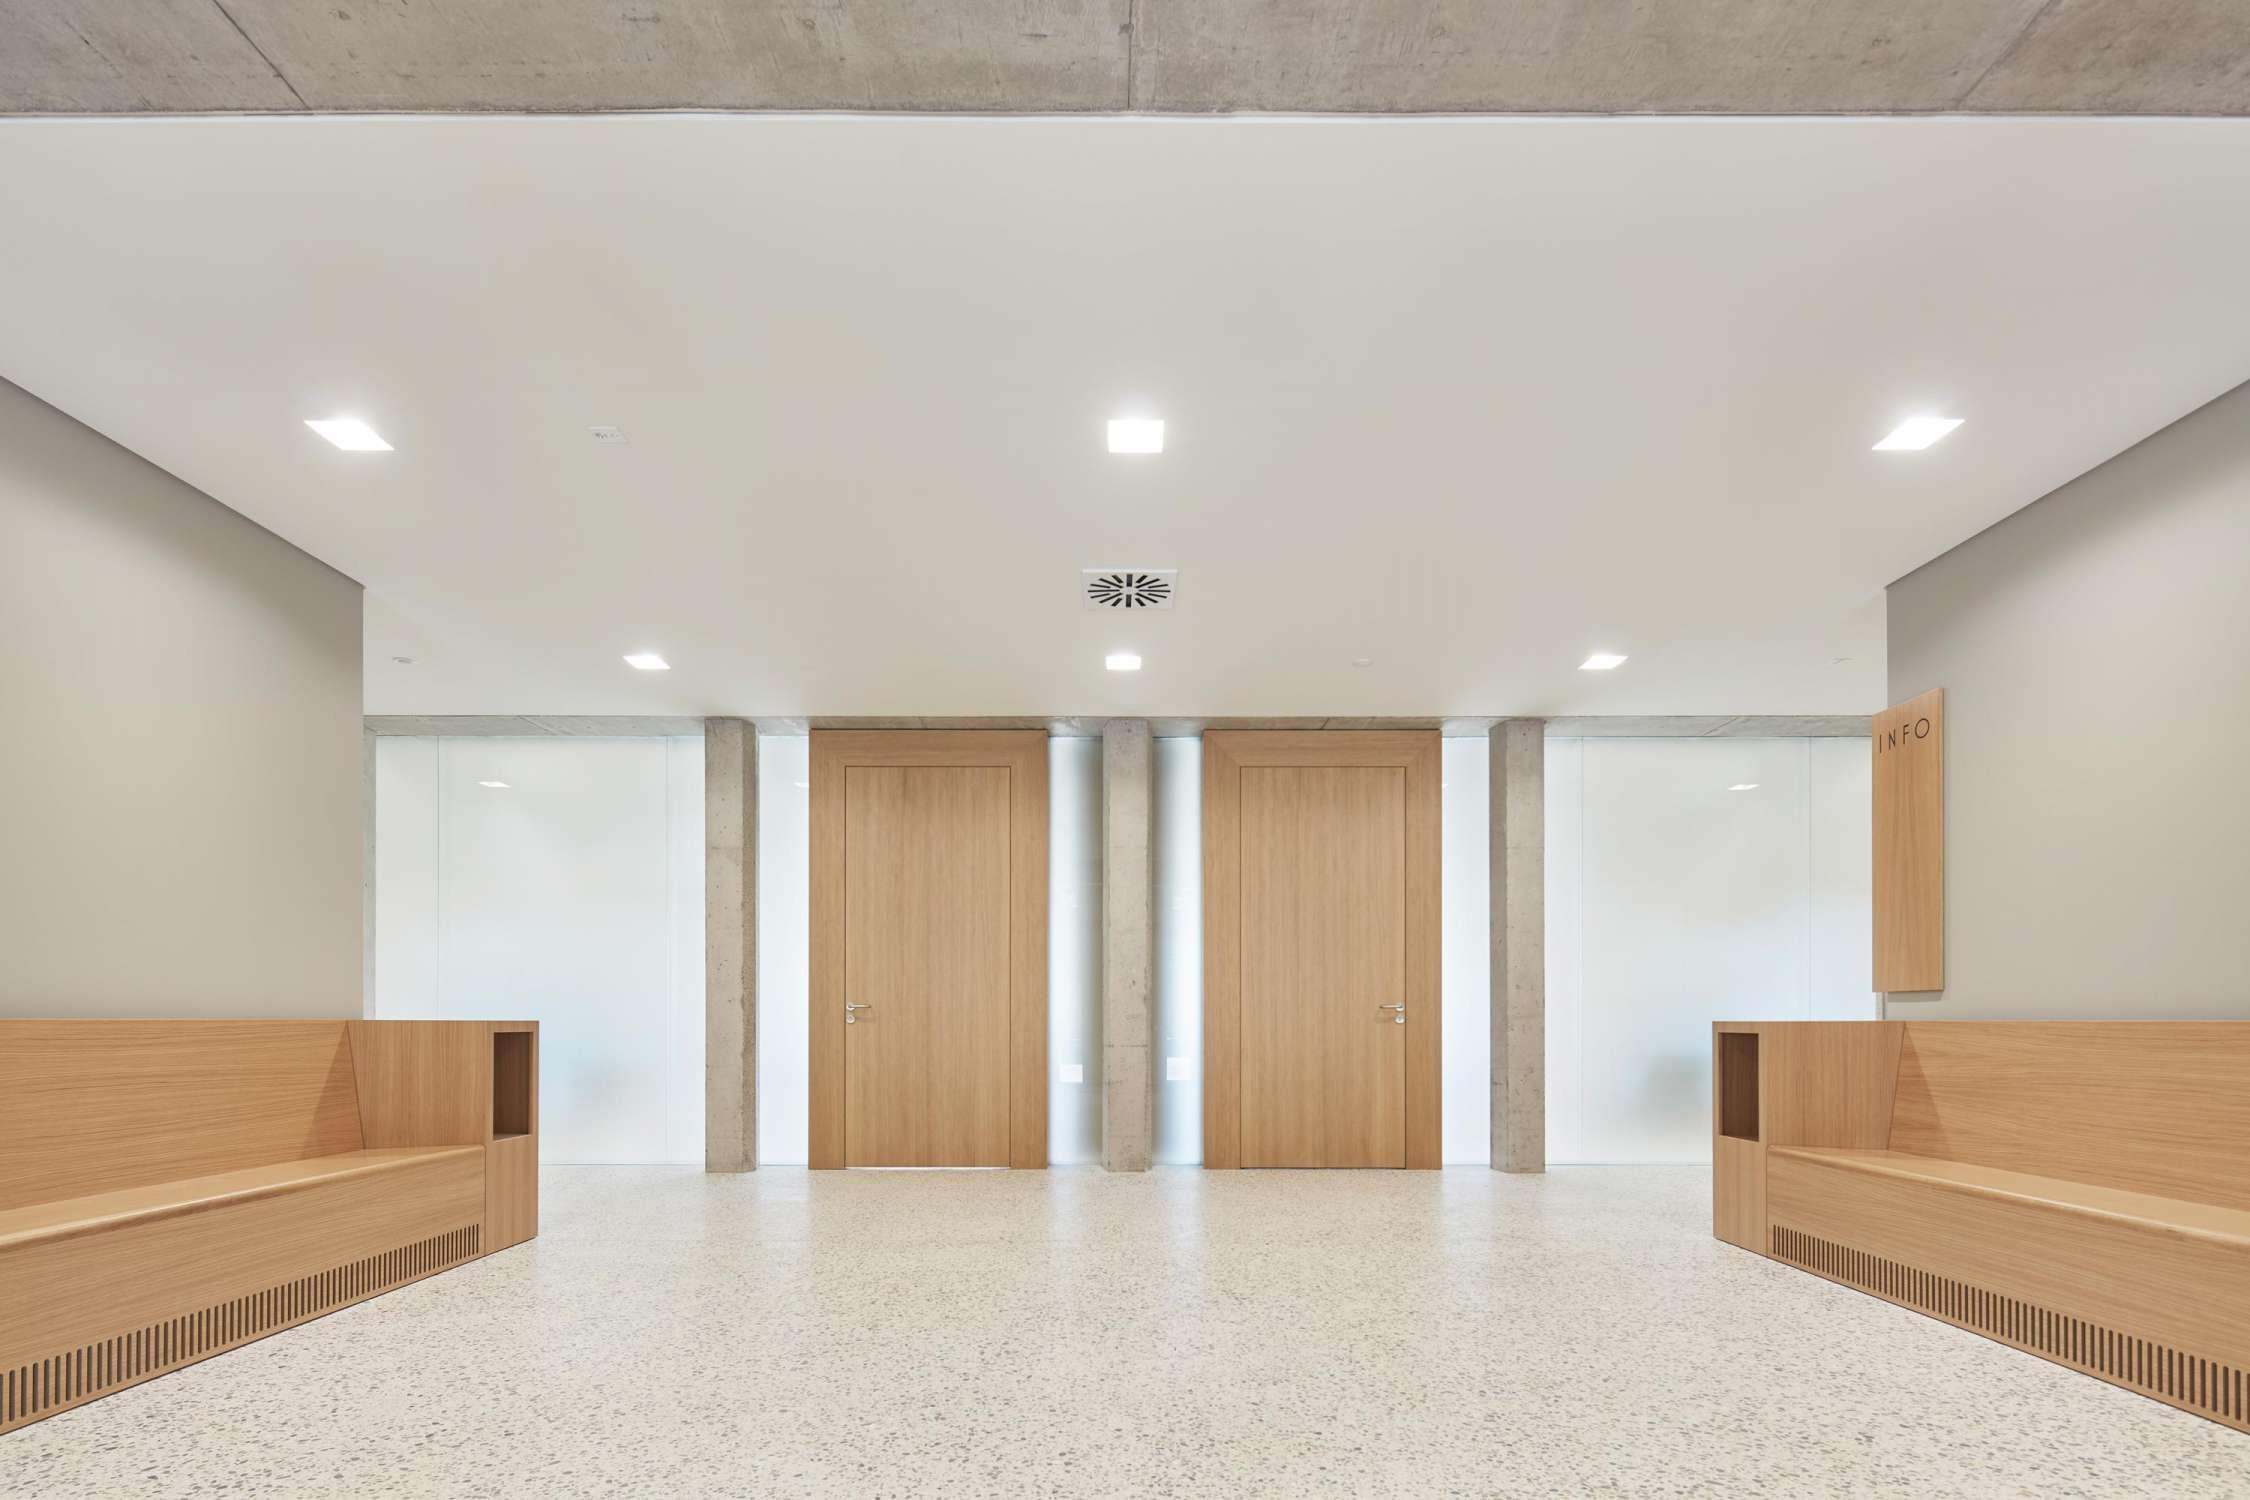 Denkmalpflegerische Sanierung und Umbau Amts-, Nachlass- und Betreuungsgericht (3)